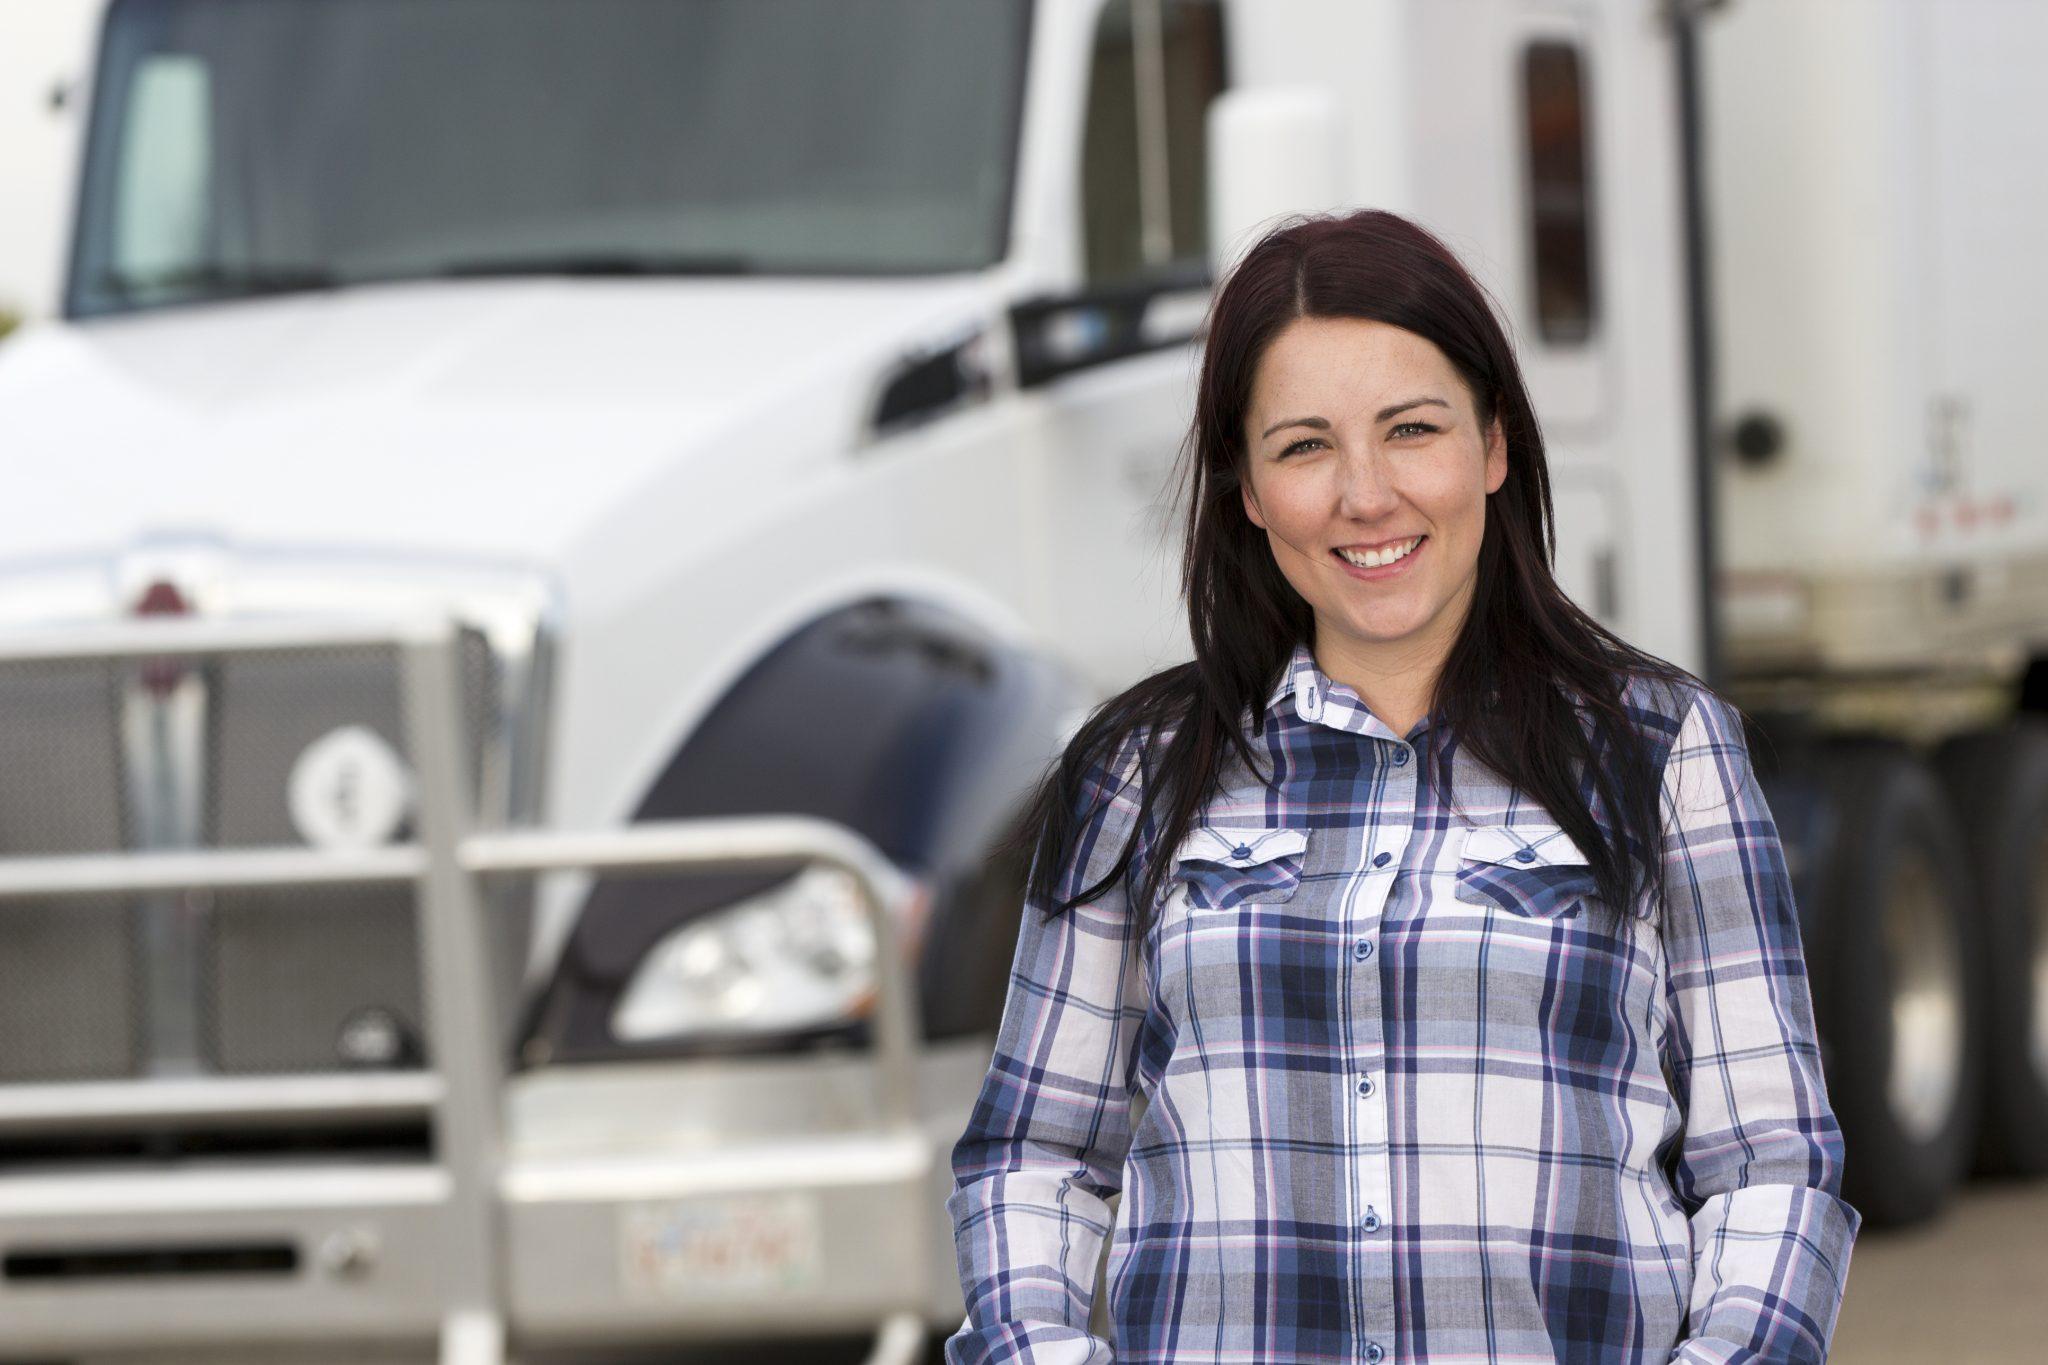 Women in the trucking industry